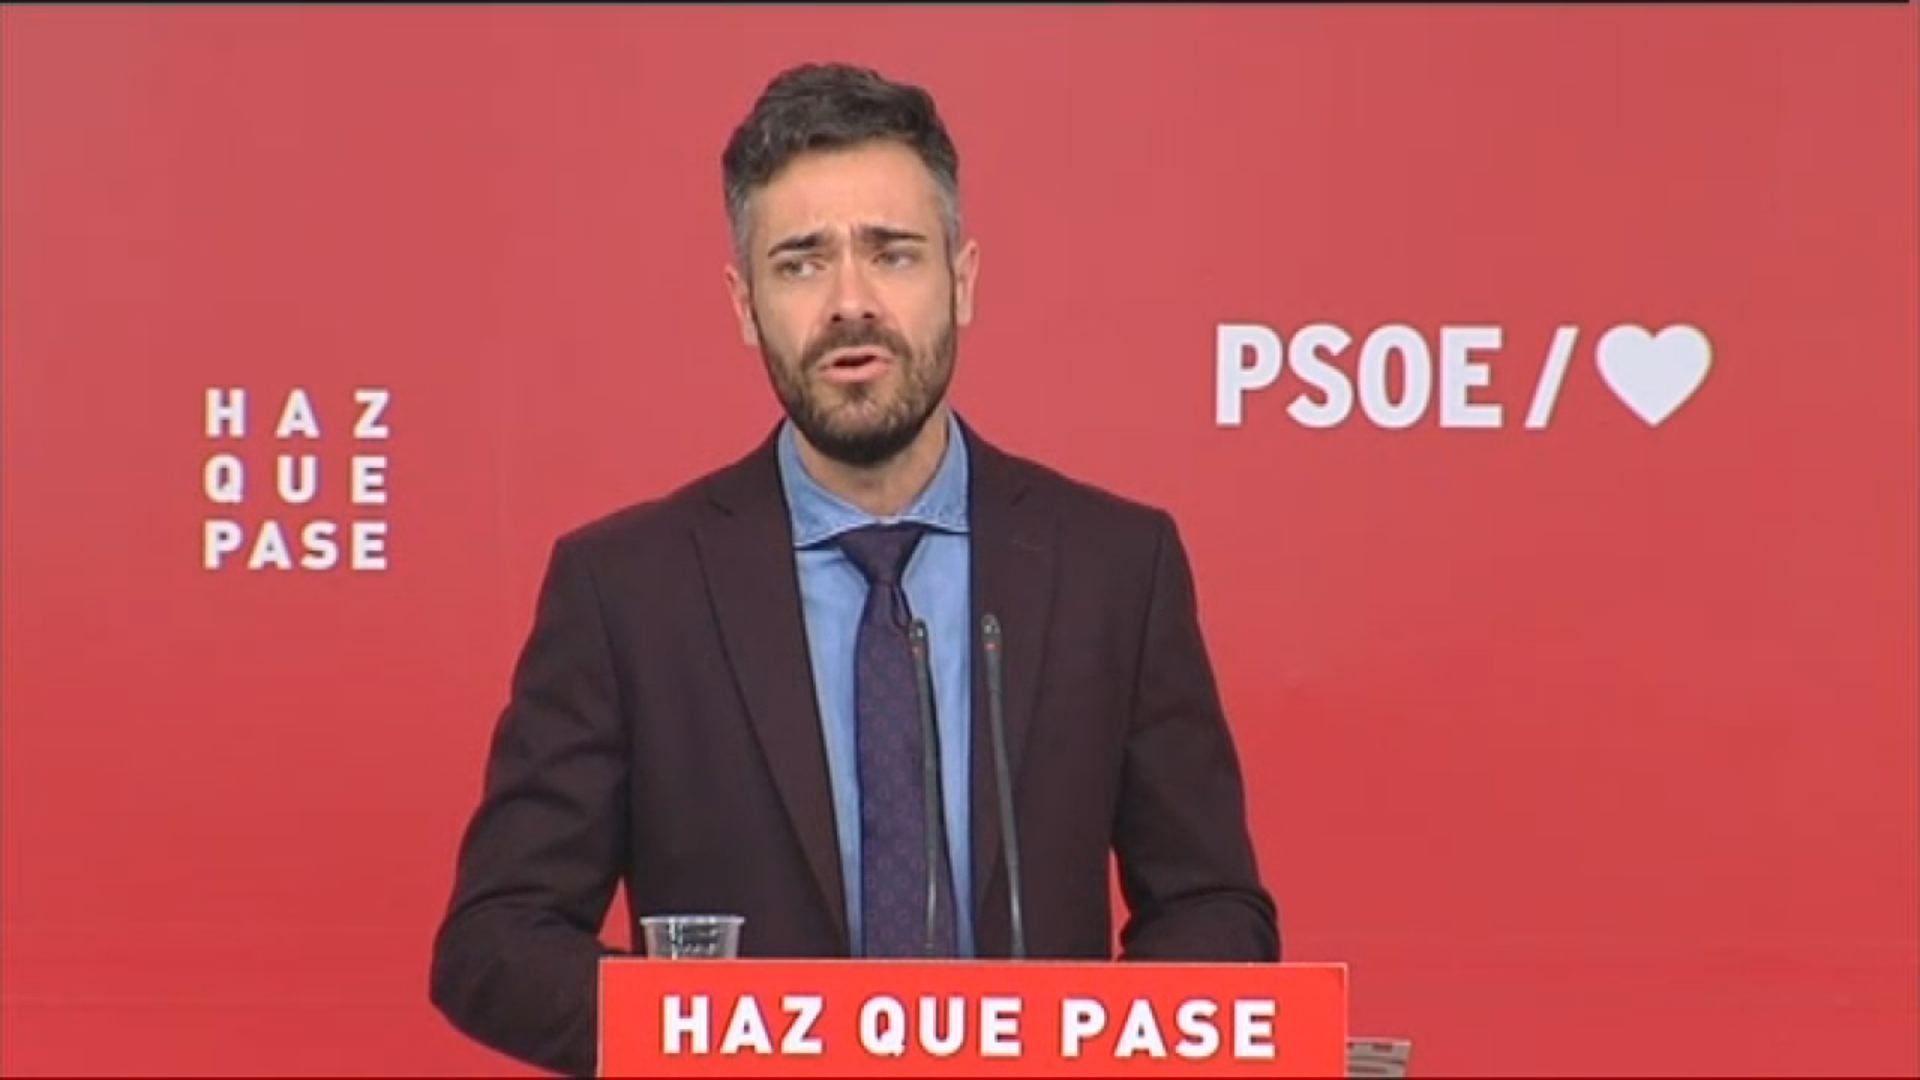 Arranca la campaña electoral en Ourense.Enfrentamiento de alumnos de la Universidad de Oviedo y de simpatizantes de Vox en el campus de El Milán